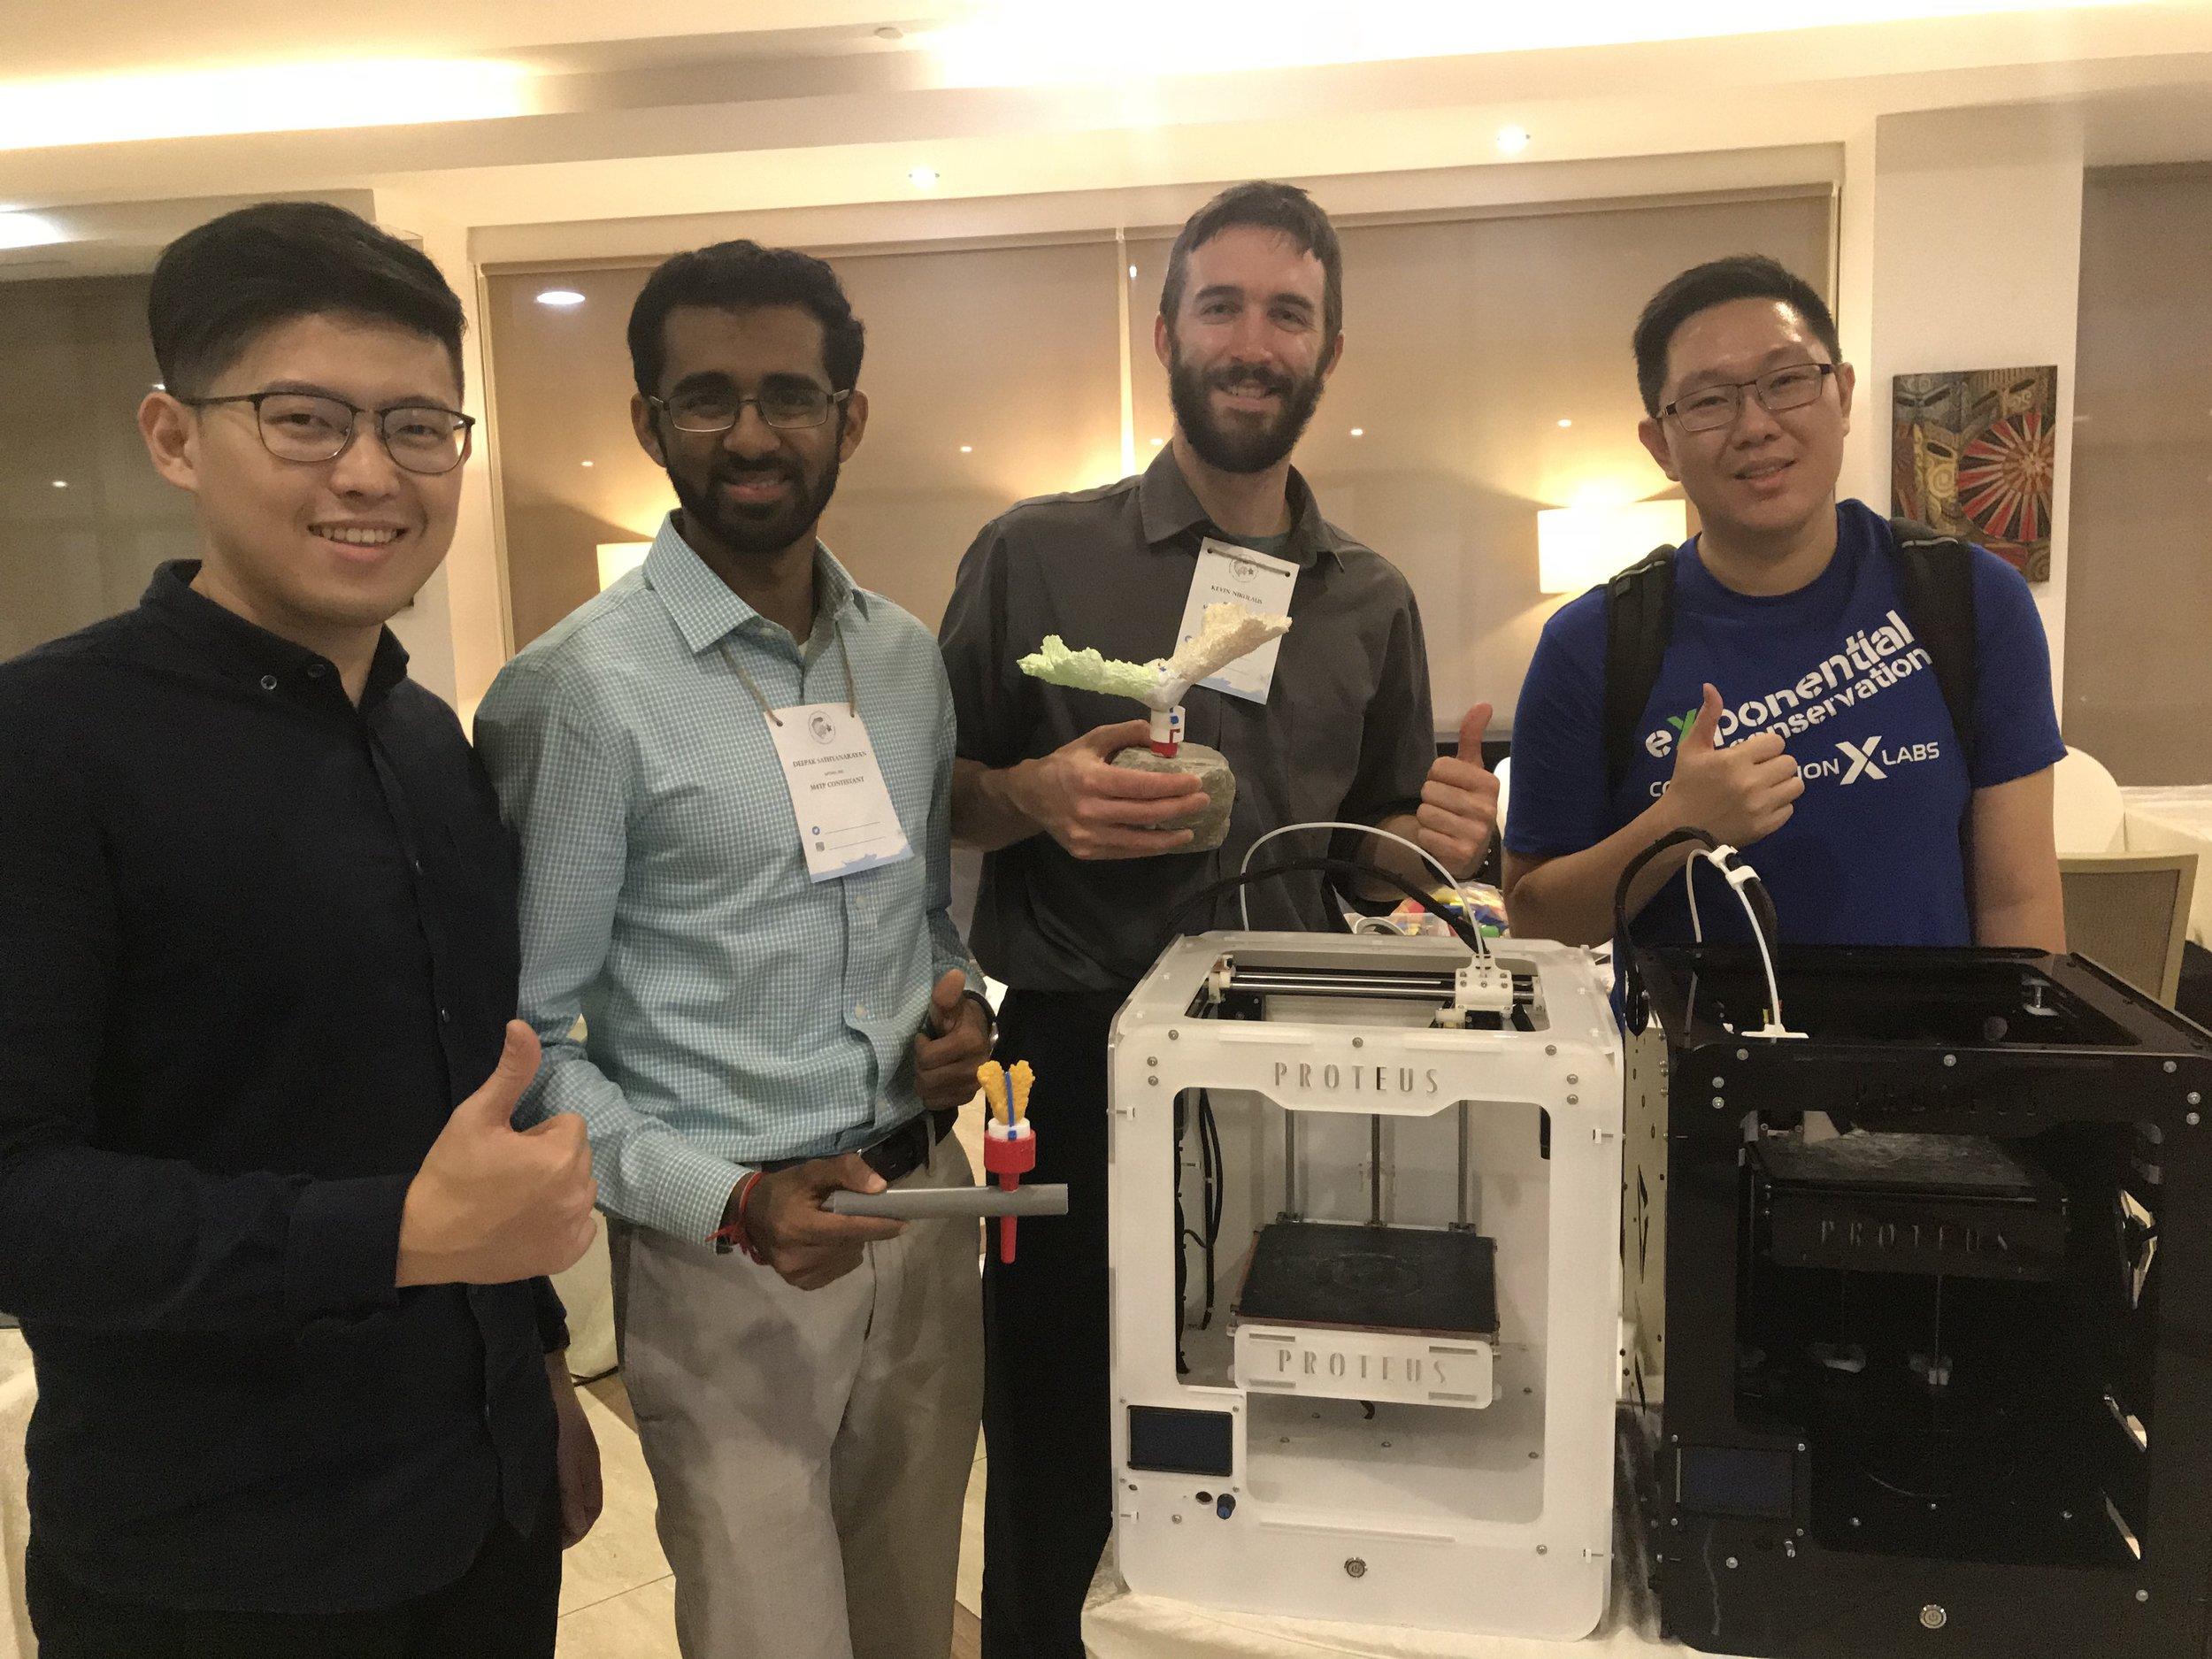 Team Aquamedics with Ivan and Nicholas of Proteus 3D printing company.